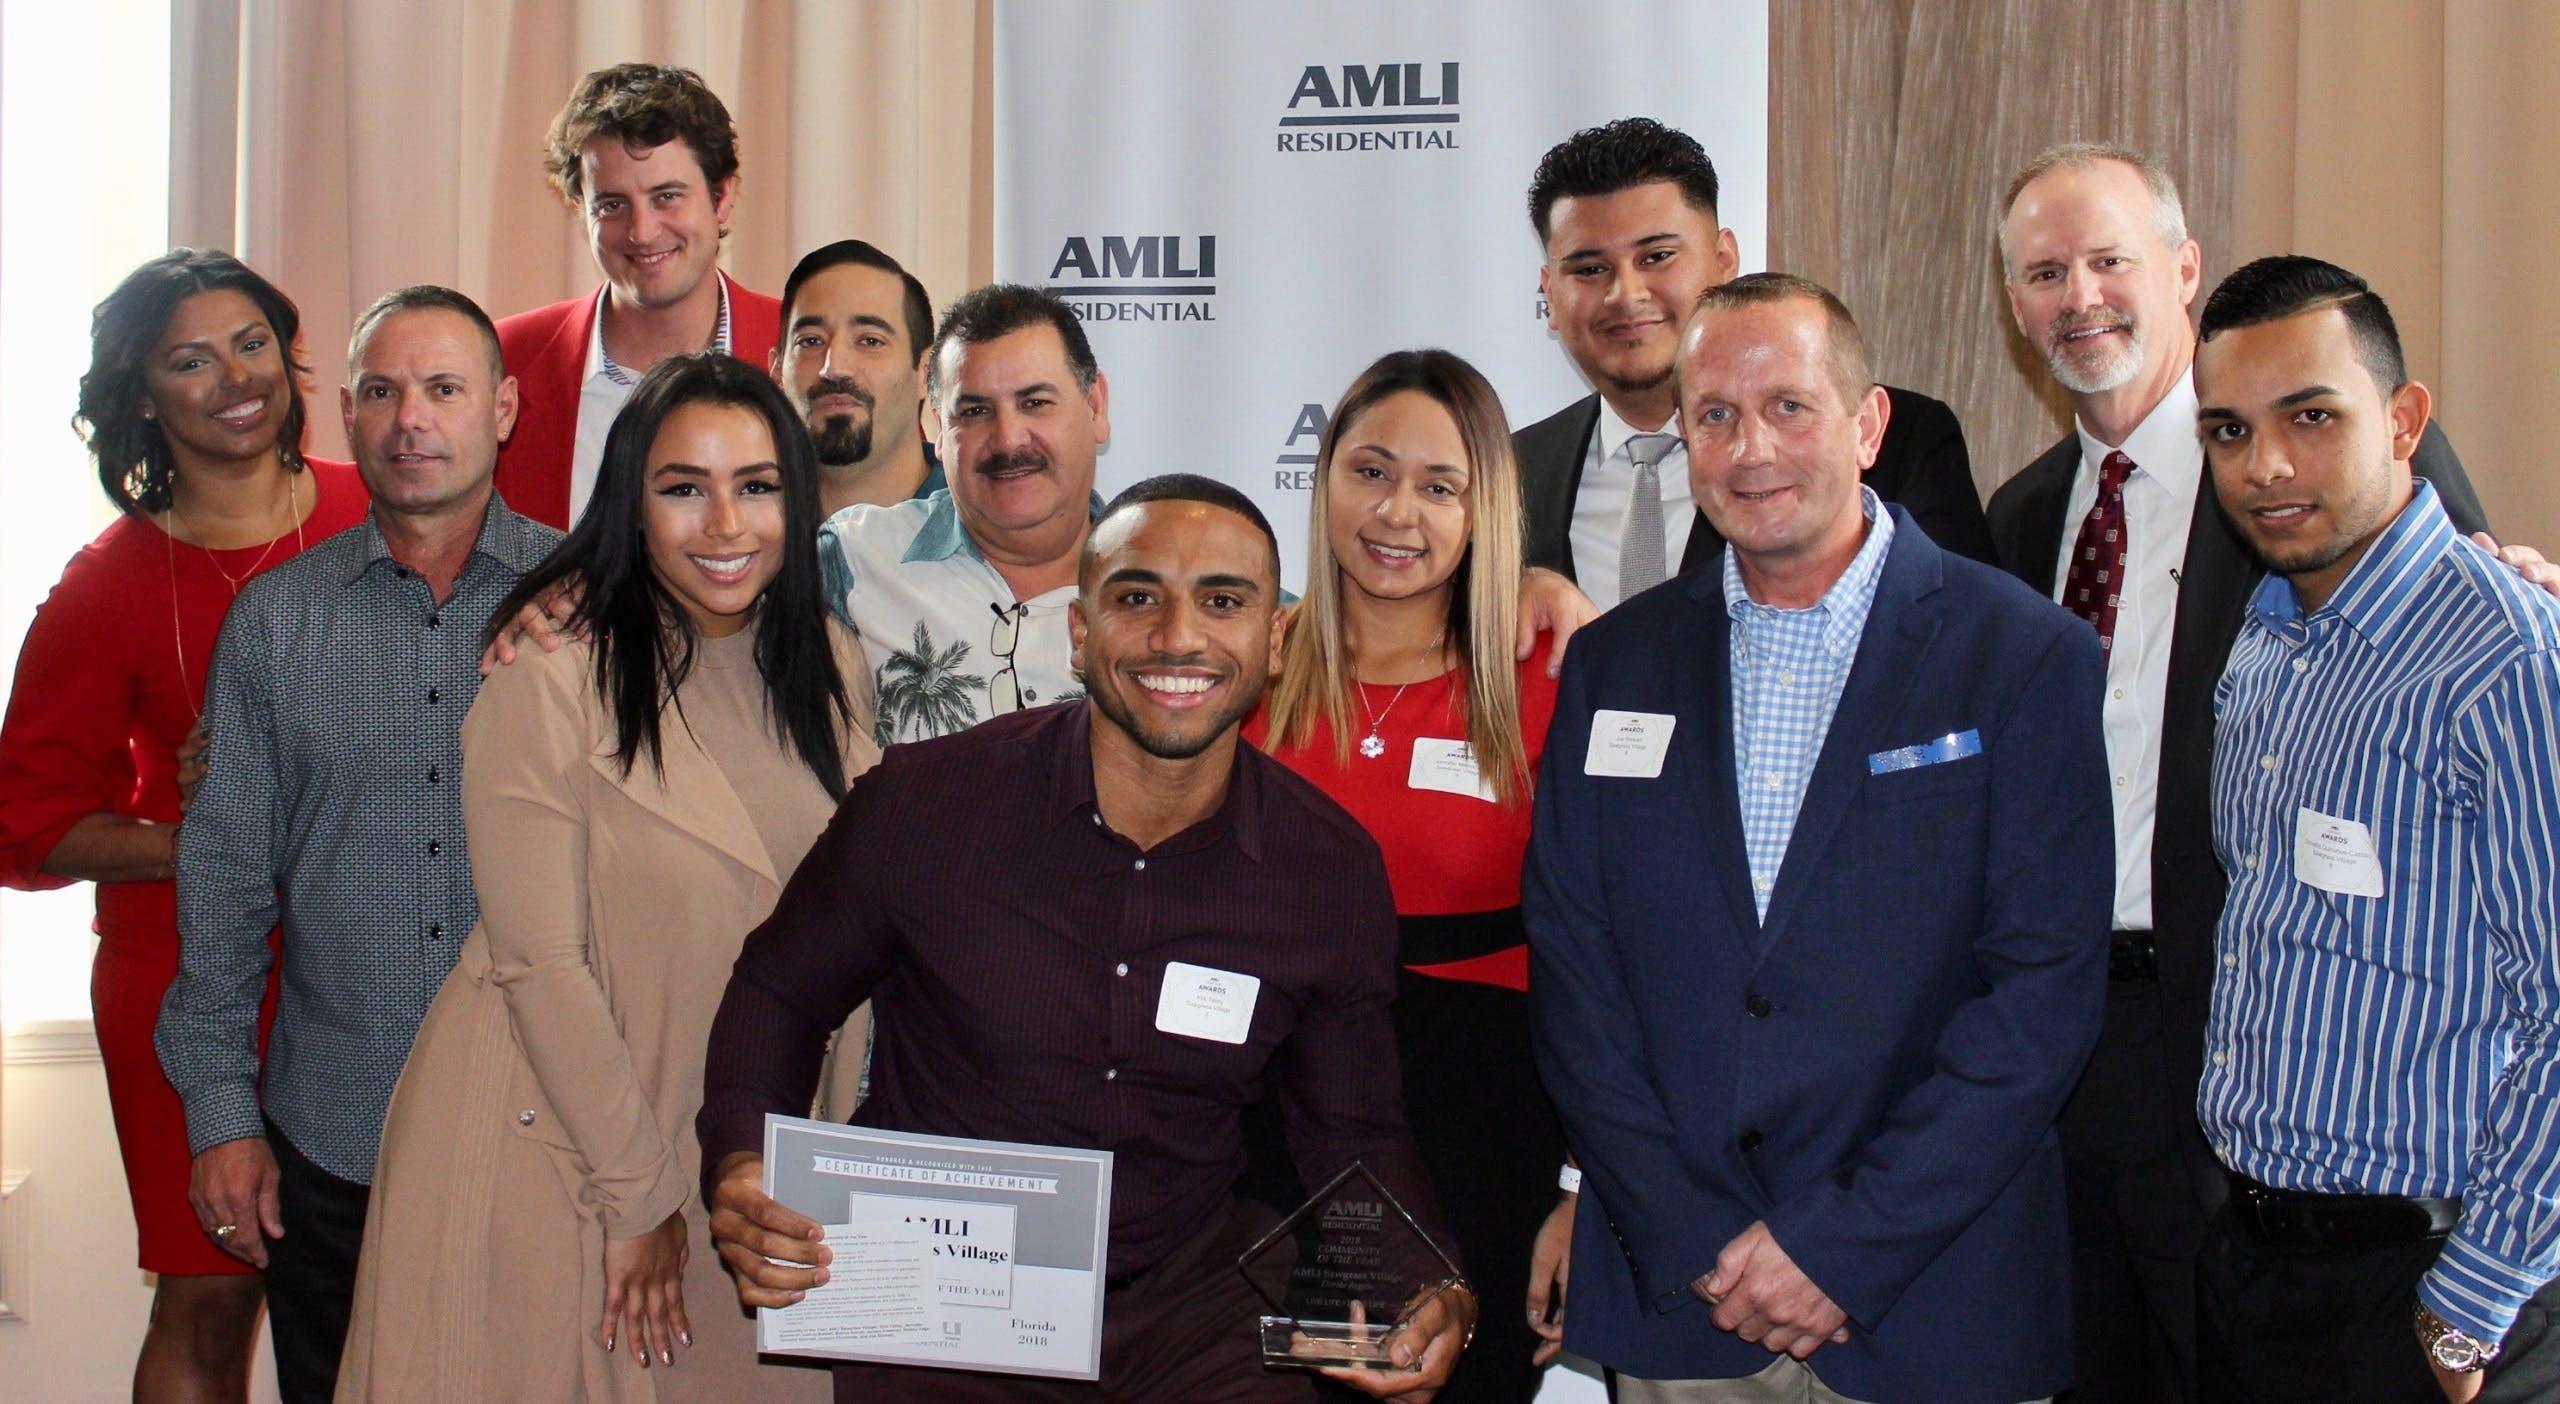 AMLI at the Ballpark team receiving annual award